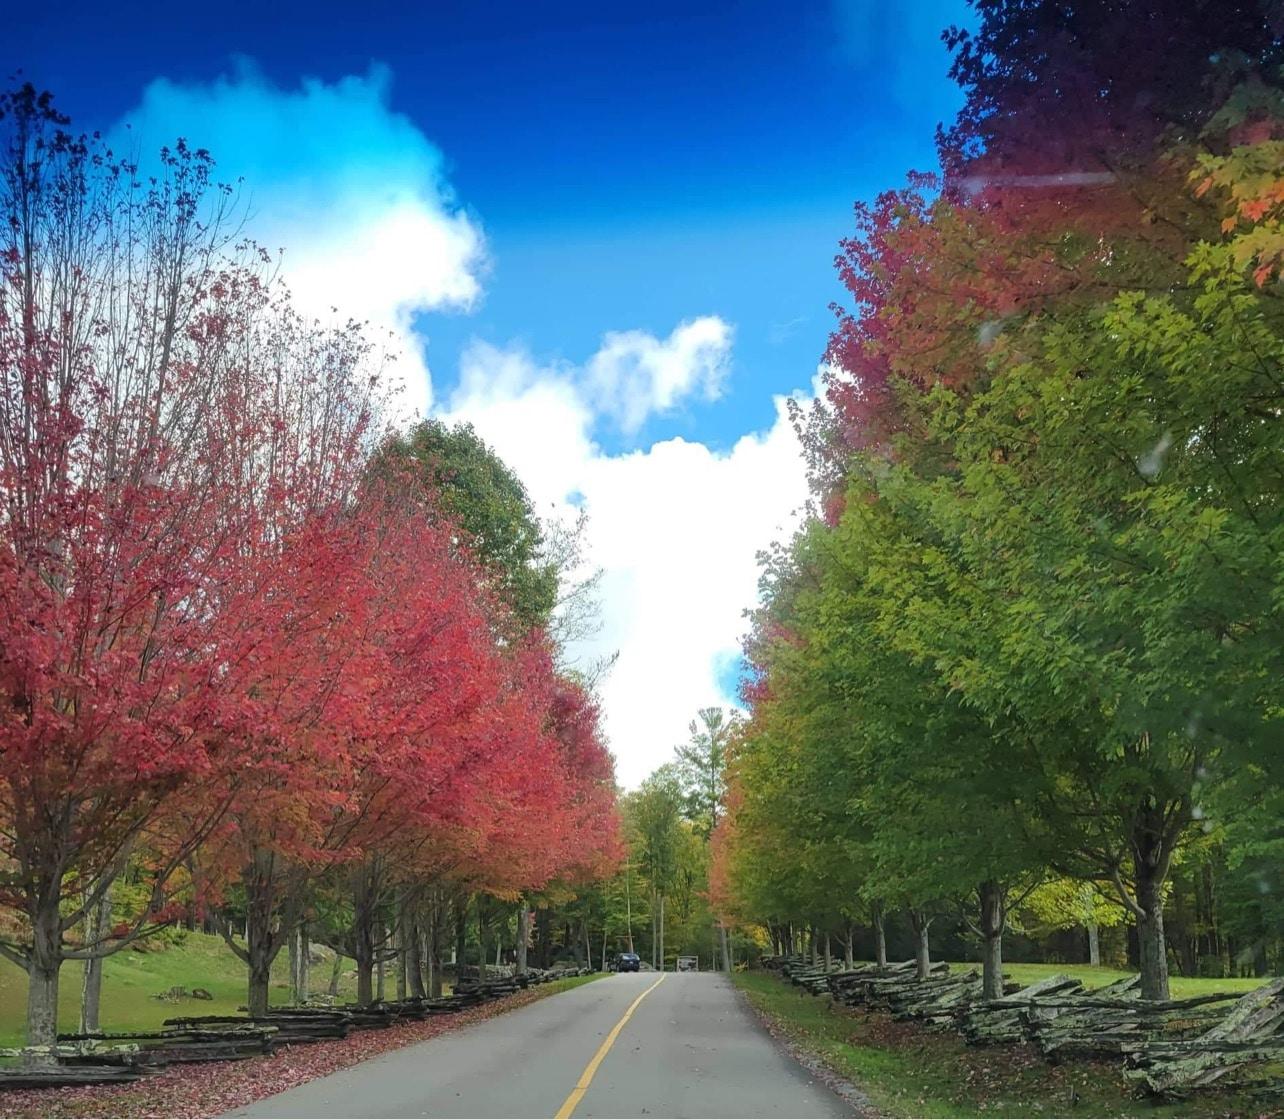 Sights of leaf weekend October 8-10, 2021